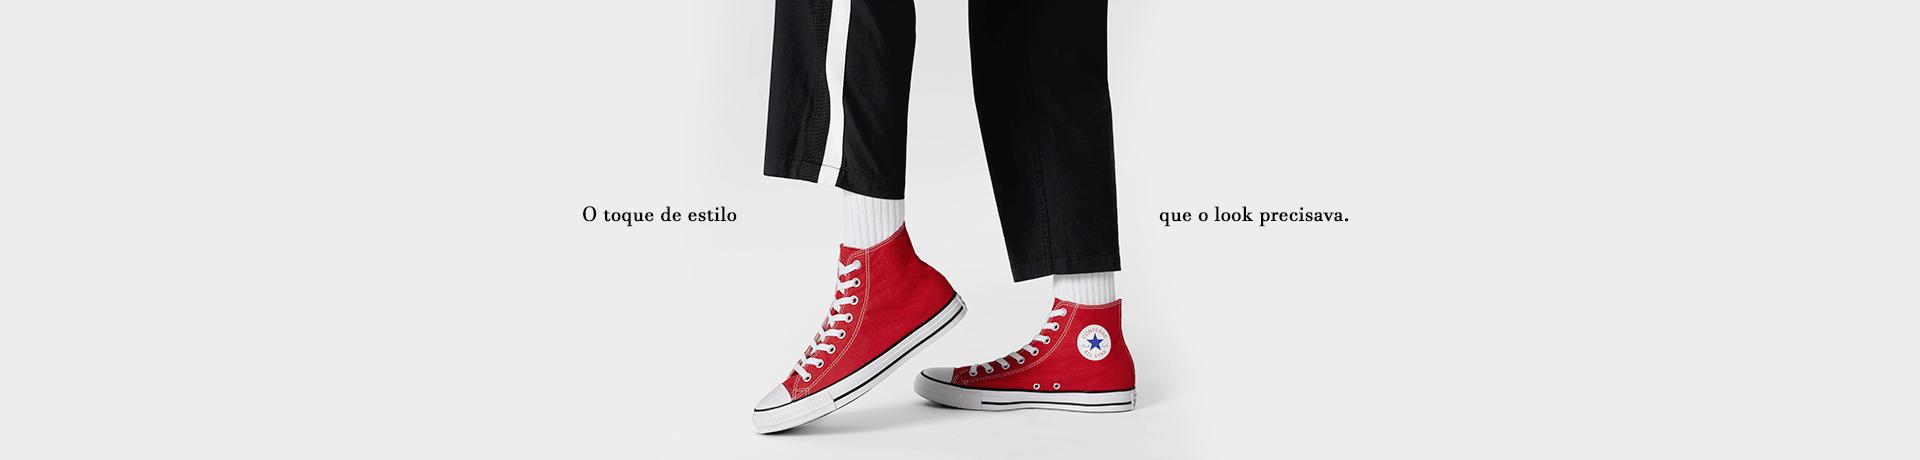 6cf0f4b98 MeninaShoes - Loja de Sapatos, Bolsas, Mochilas, Roupas e Mais